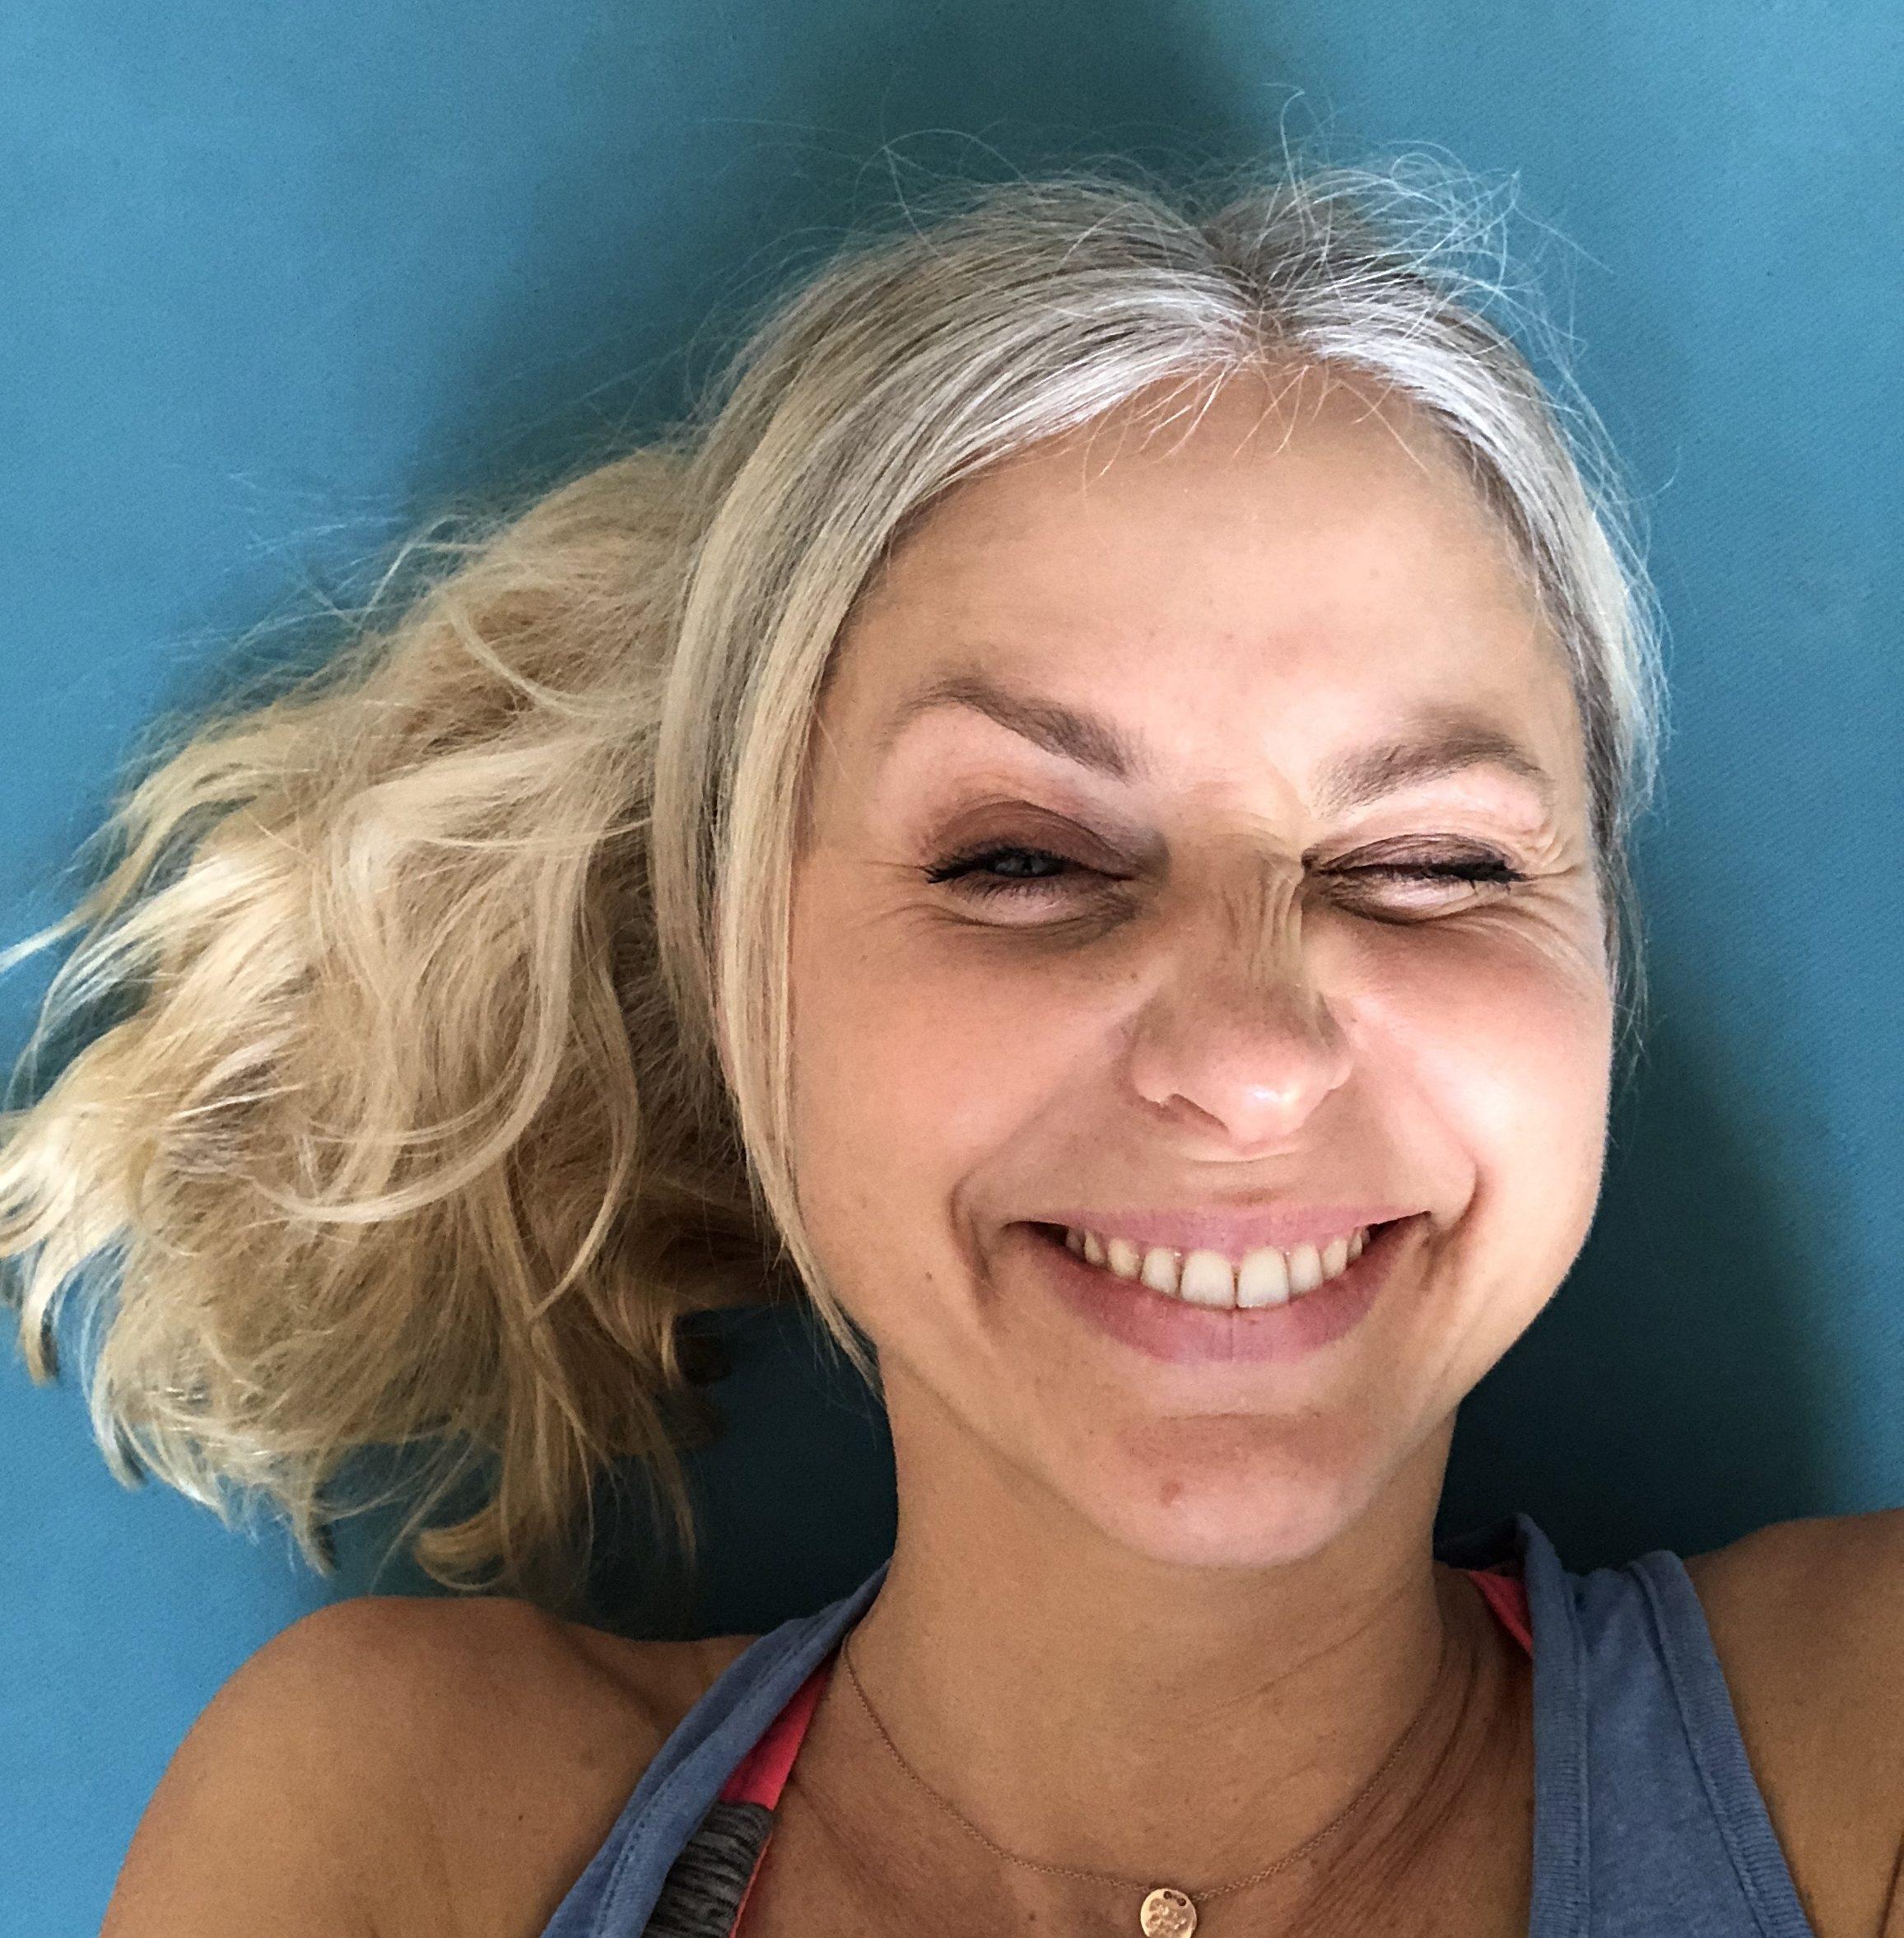 Graue Haare Mein Fazit Nach 7 Monaten Ohne Farbe Gluecksplanet